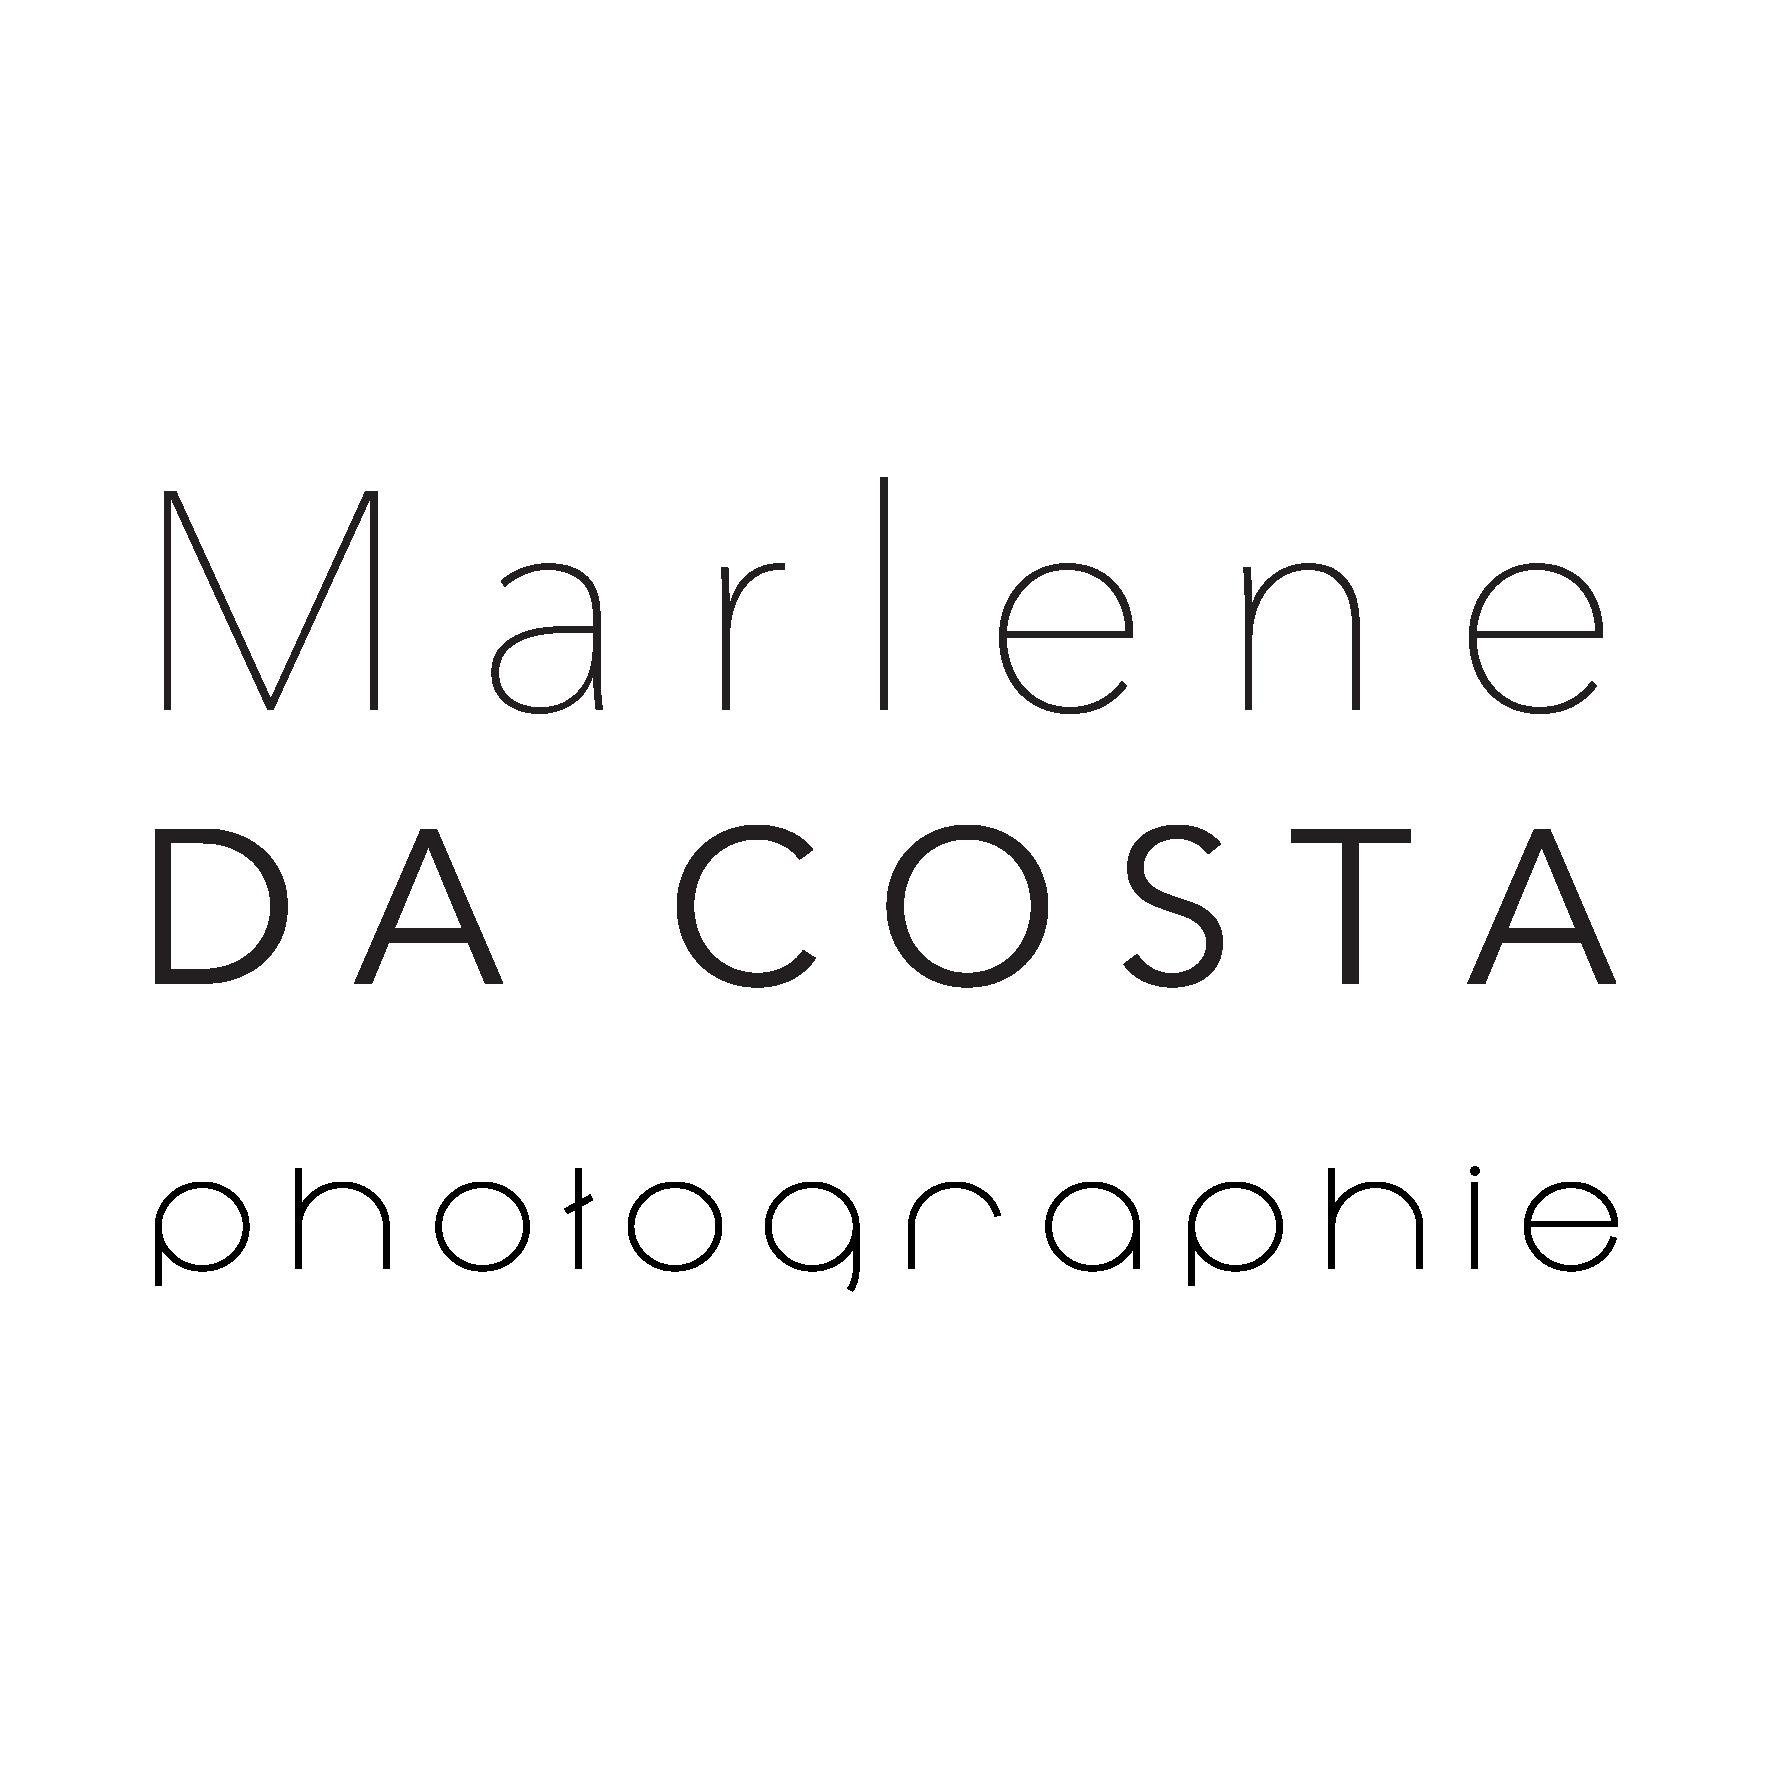 Marlene Dacosta